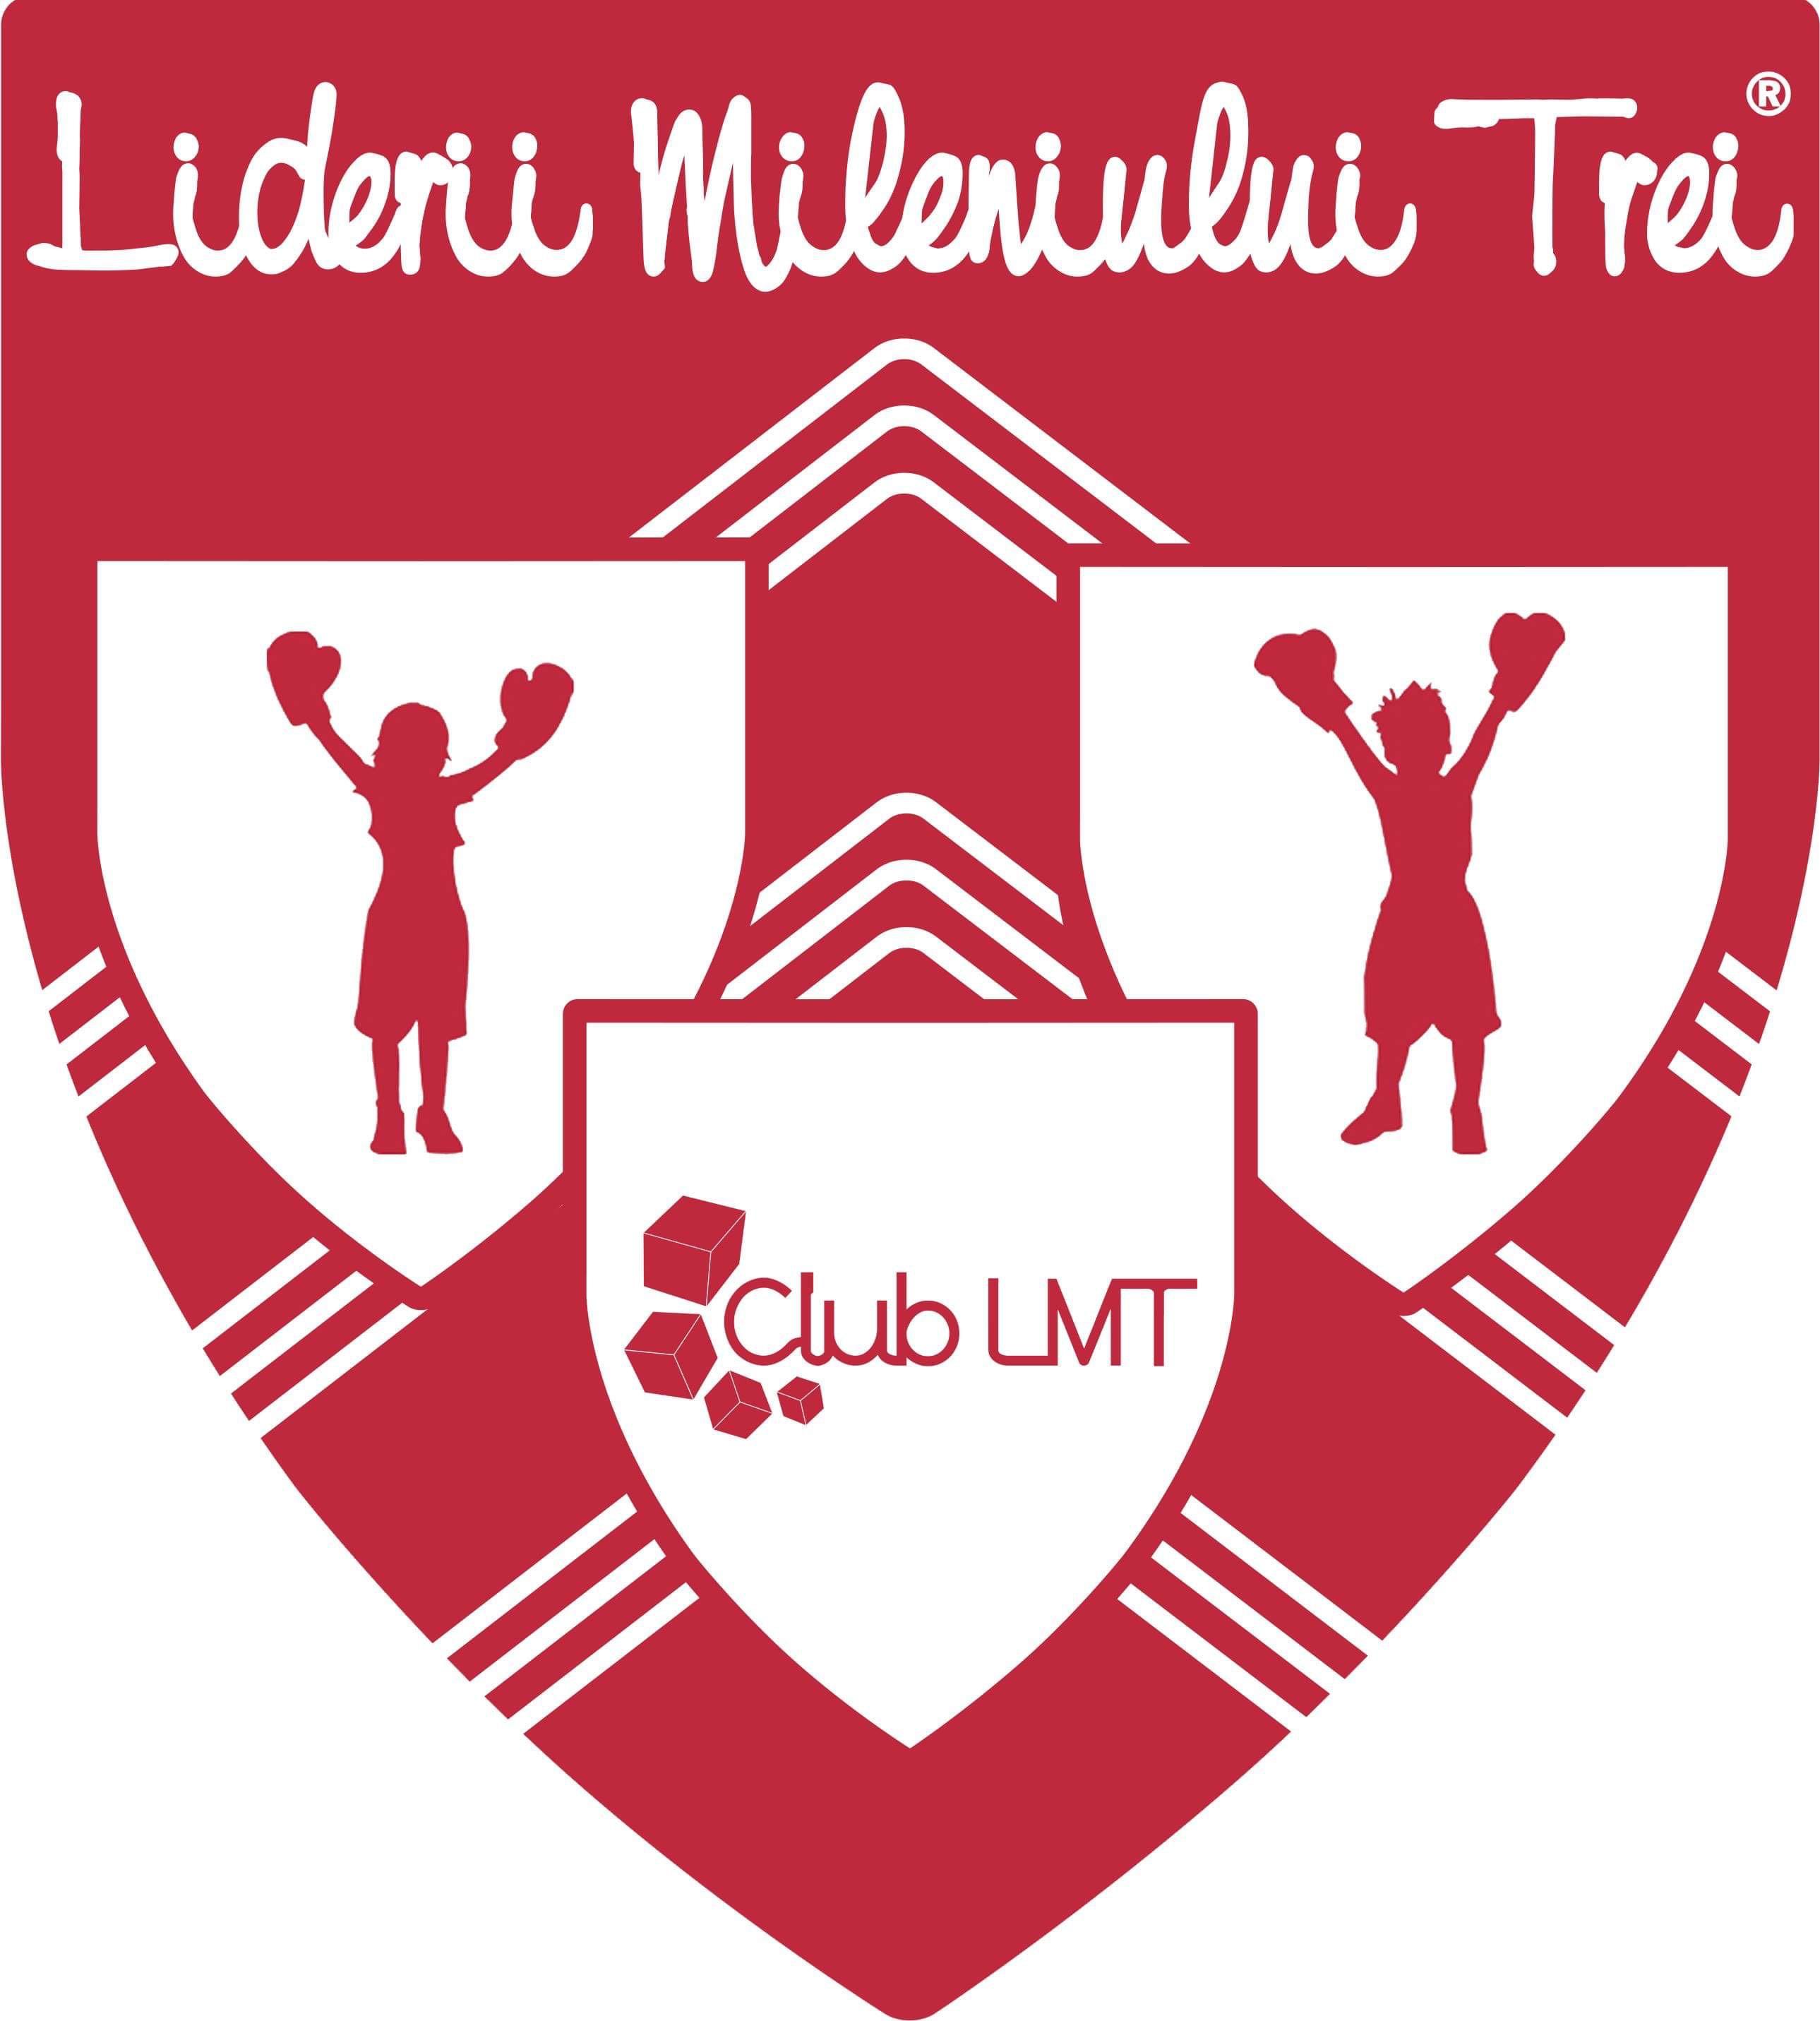 Liderii Mileniului Trei Logo